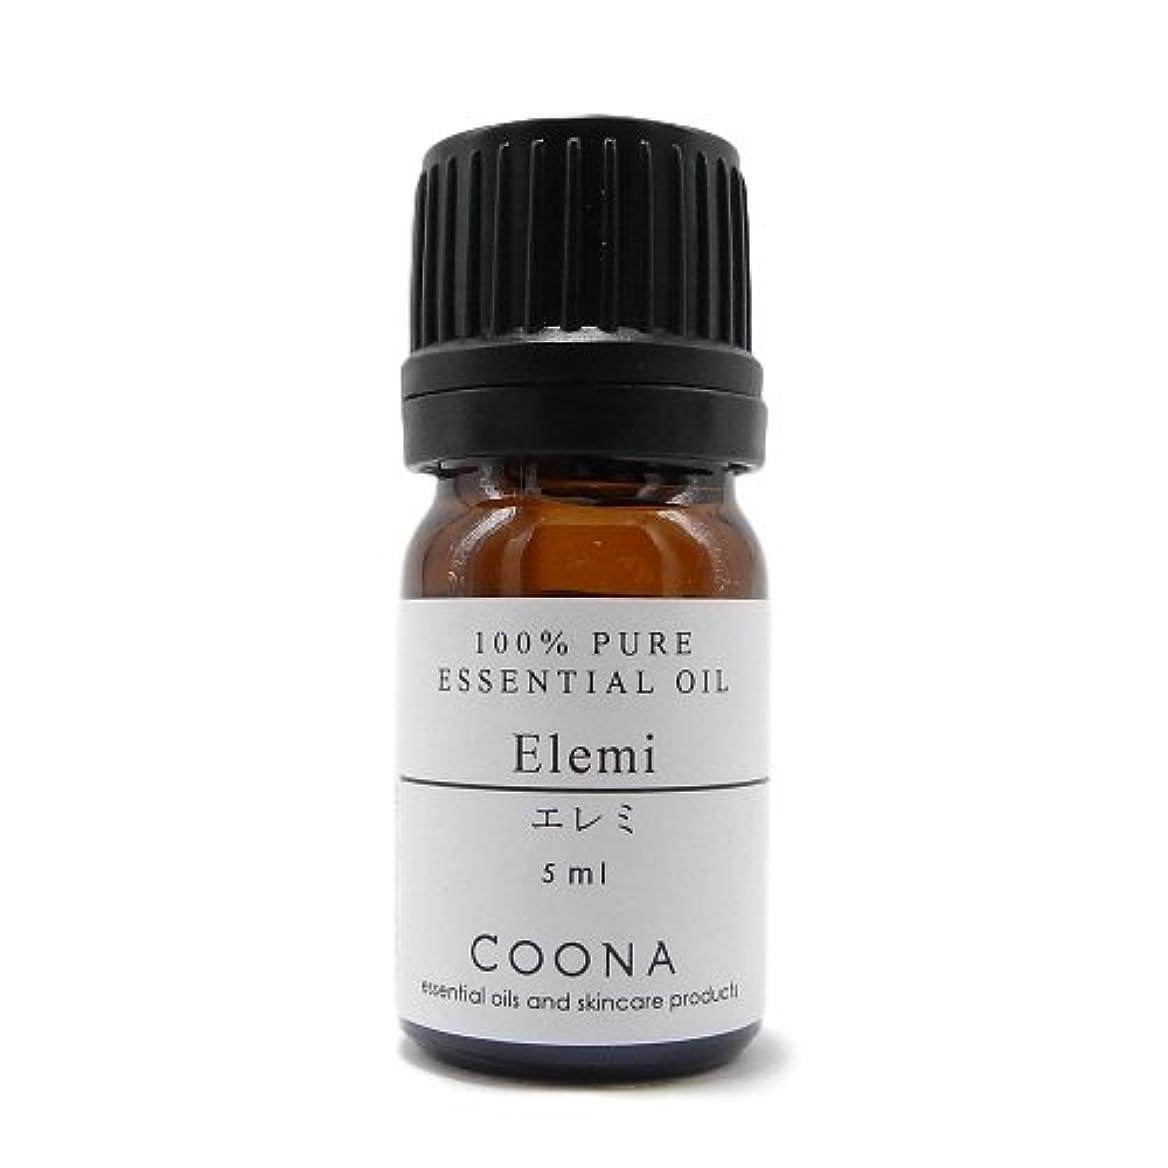 控えめな早熟永久エレミ 5 ml (COONA エッセンシャルオイル アロマオイル 100%天然植物精油)